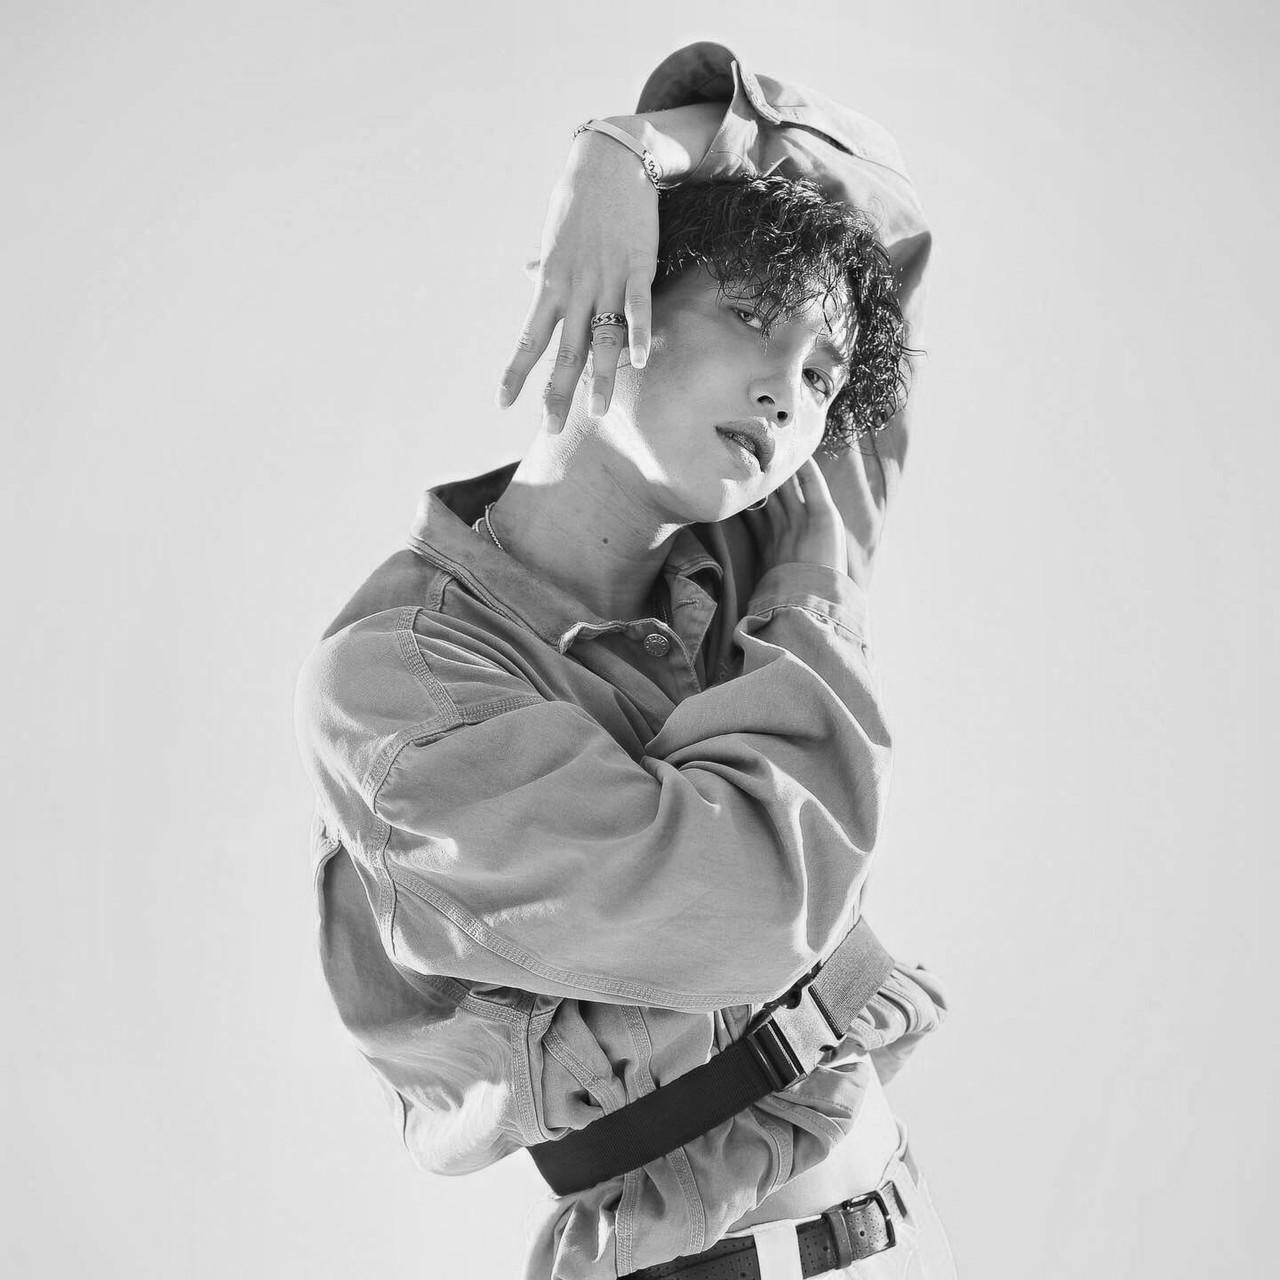 박선우 Sun Woo Park <br> 1995 <br>180 30 260